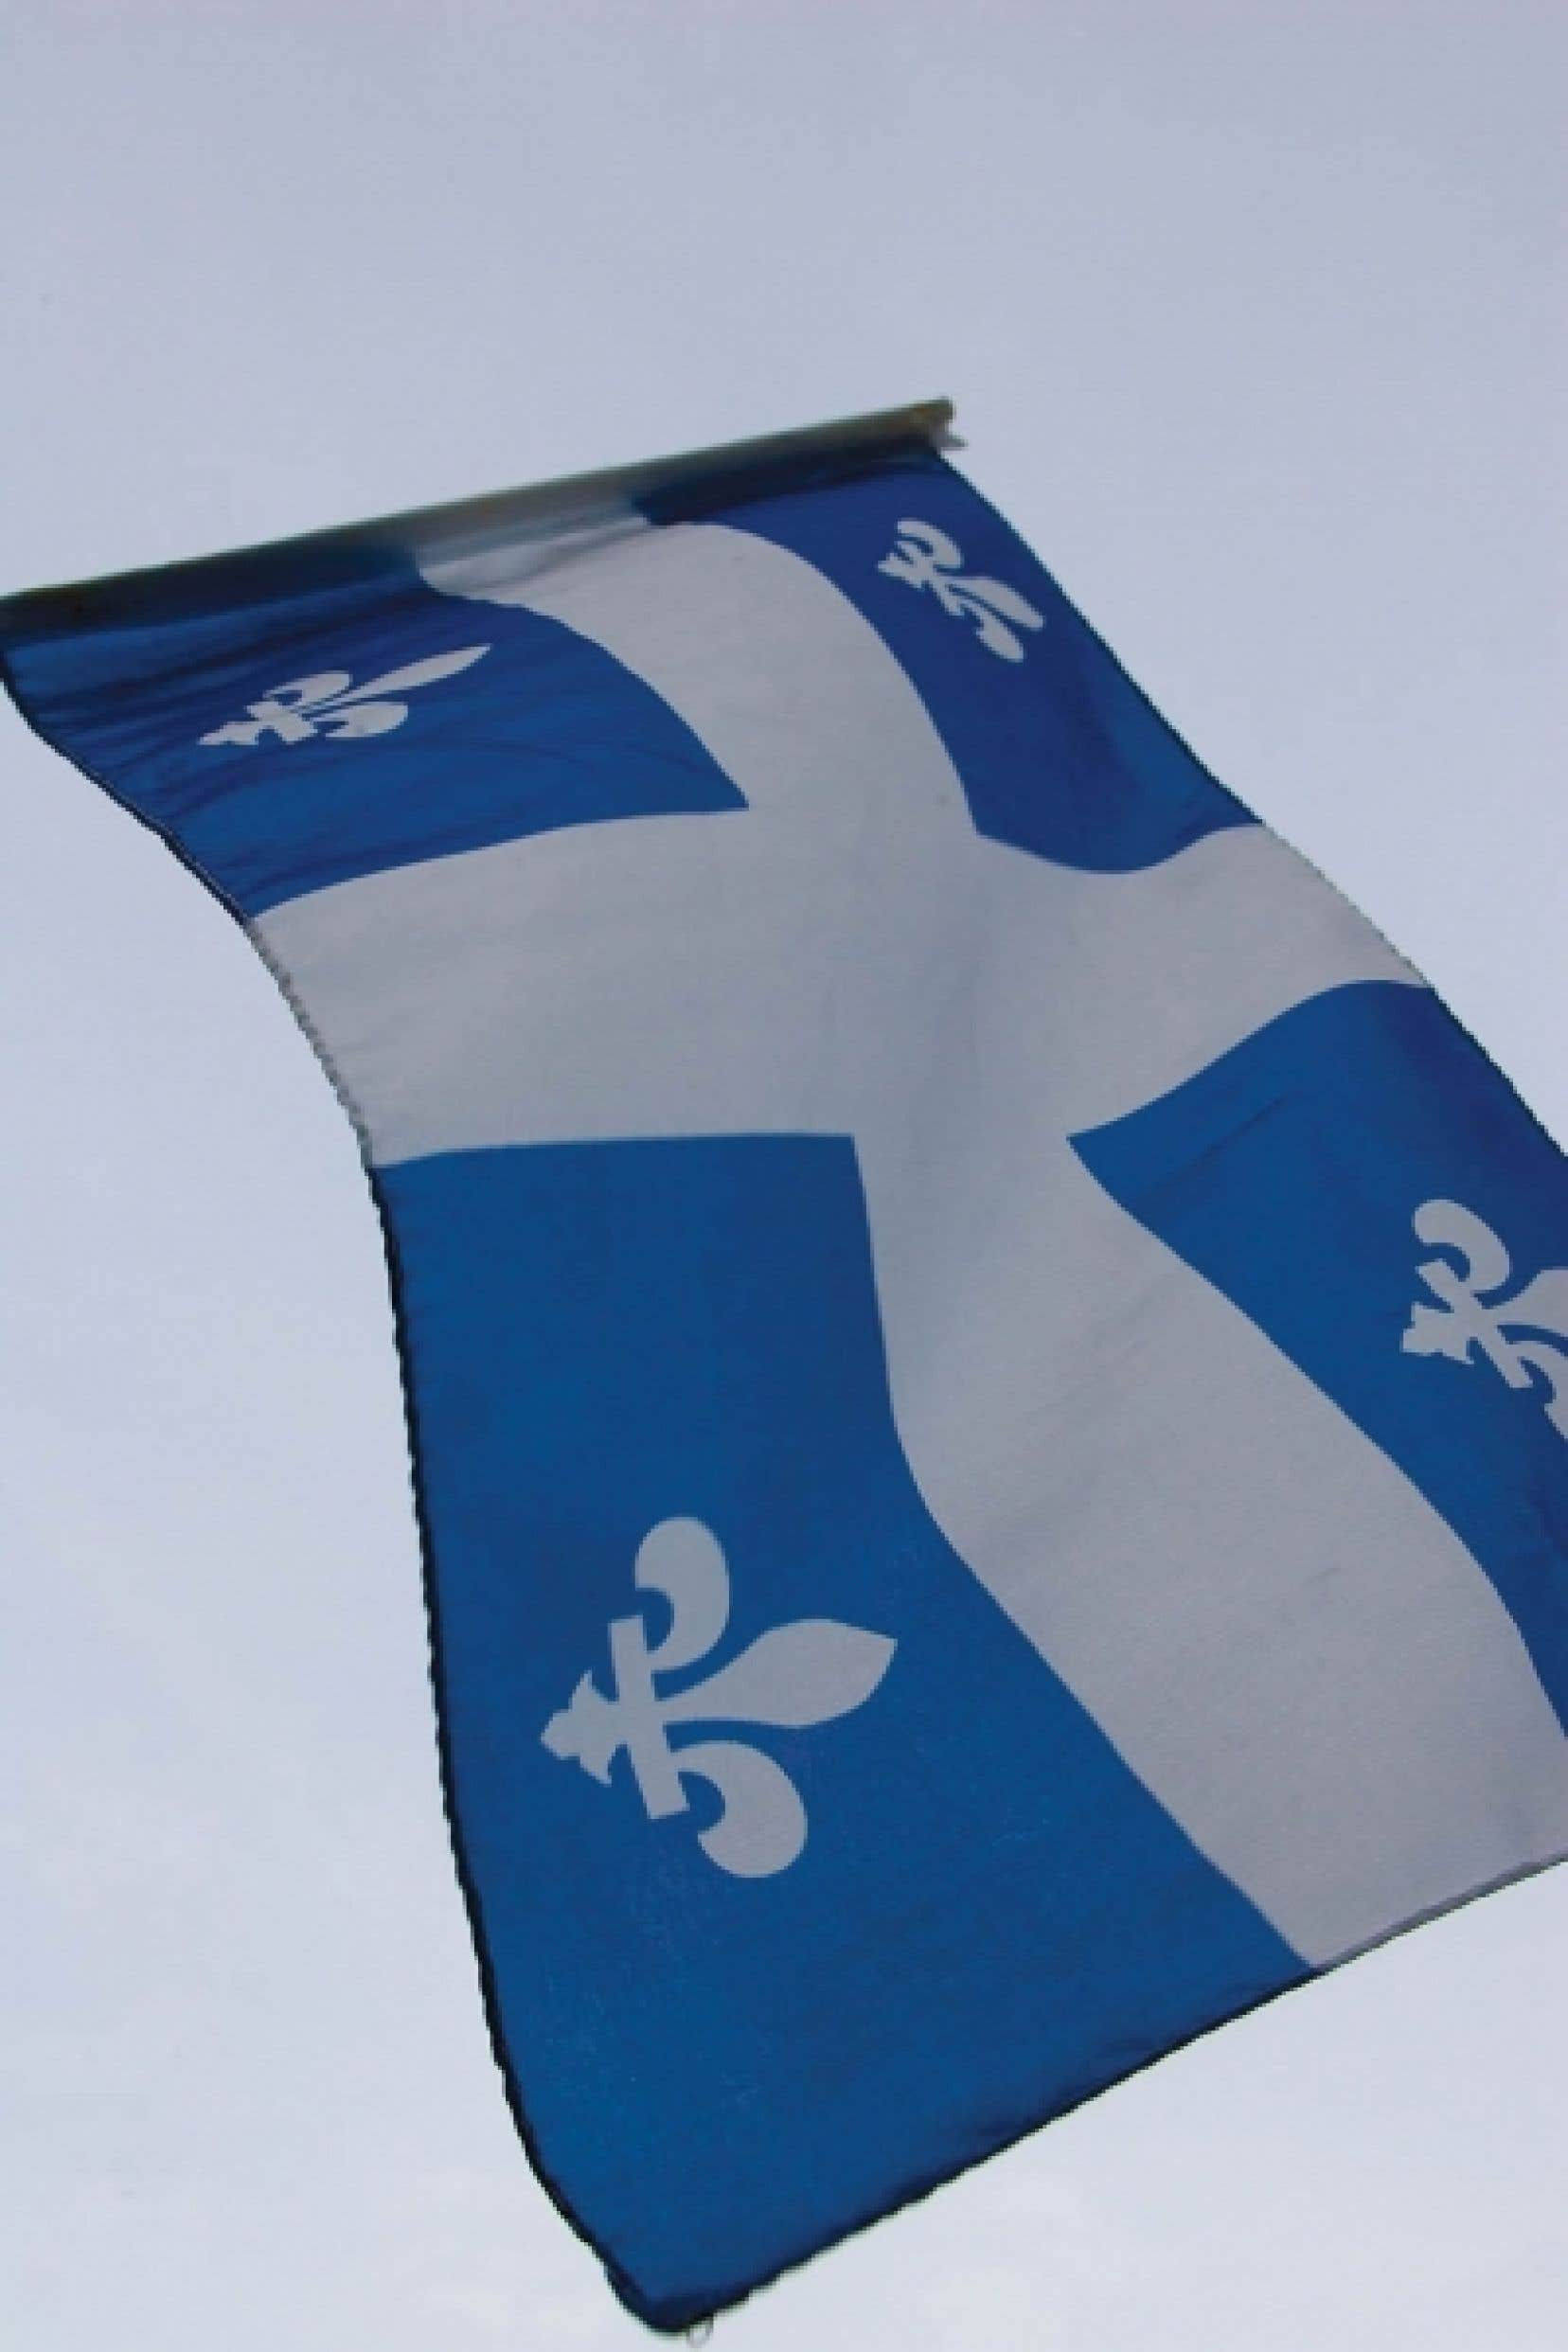 Selon Benoît Pelletier, le Québec d'aujourd'hui est assez fort pour s'inventer un modèle socioéconomique vraiment adapté à la réalité contemporaine.